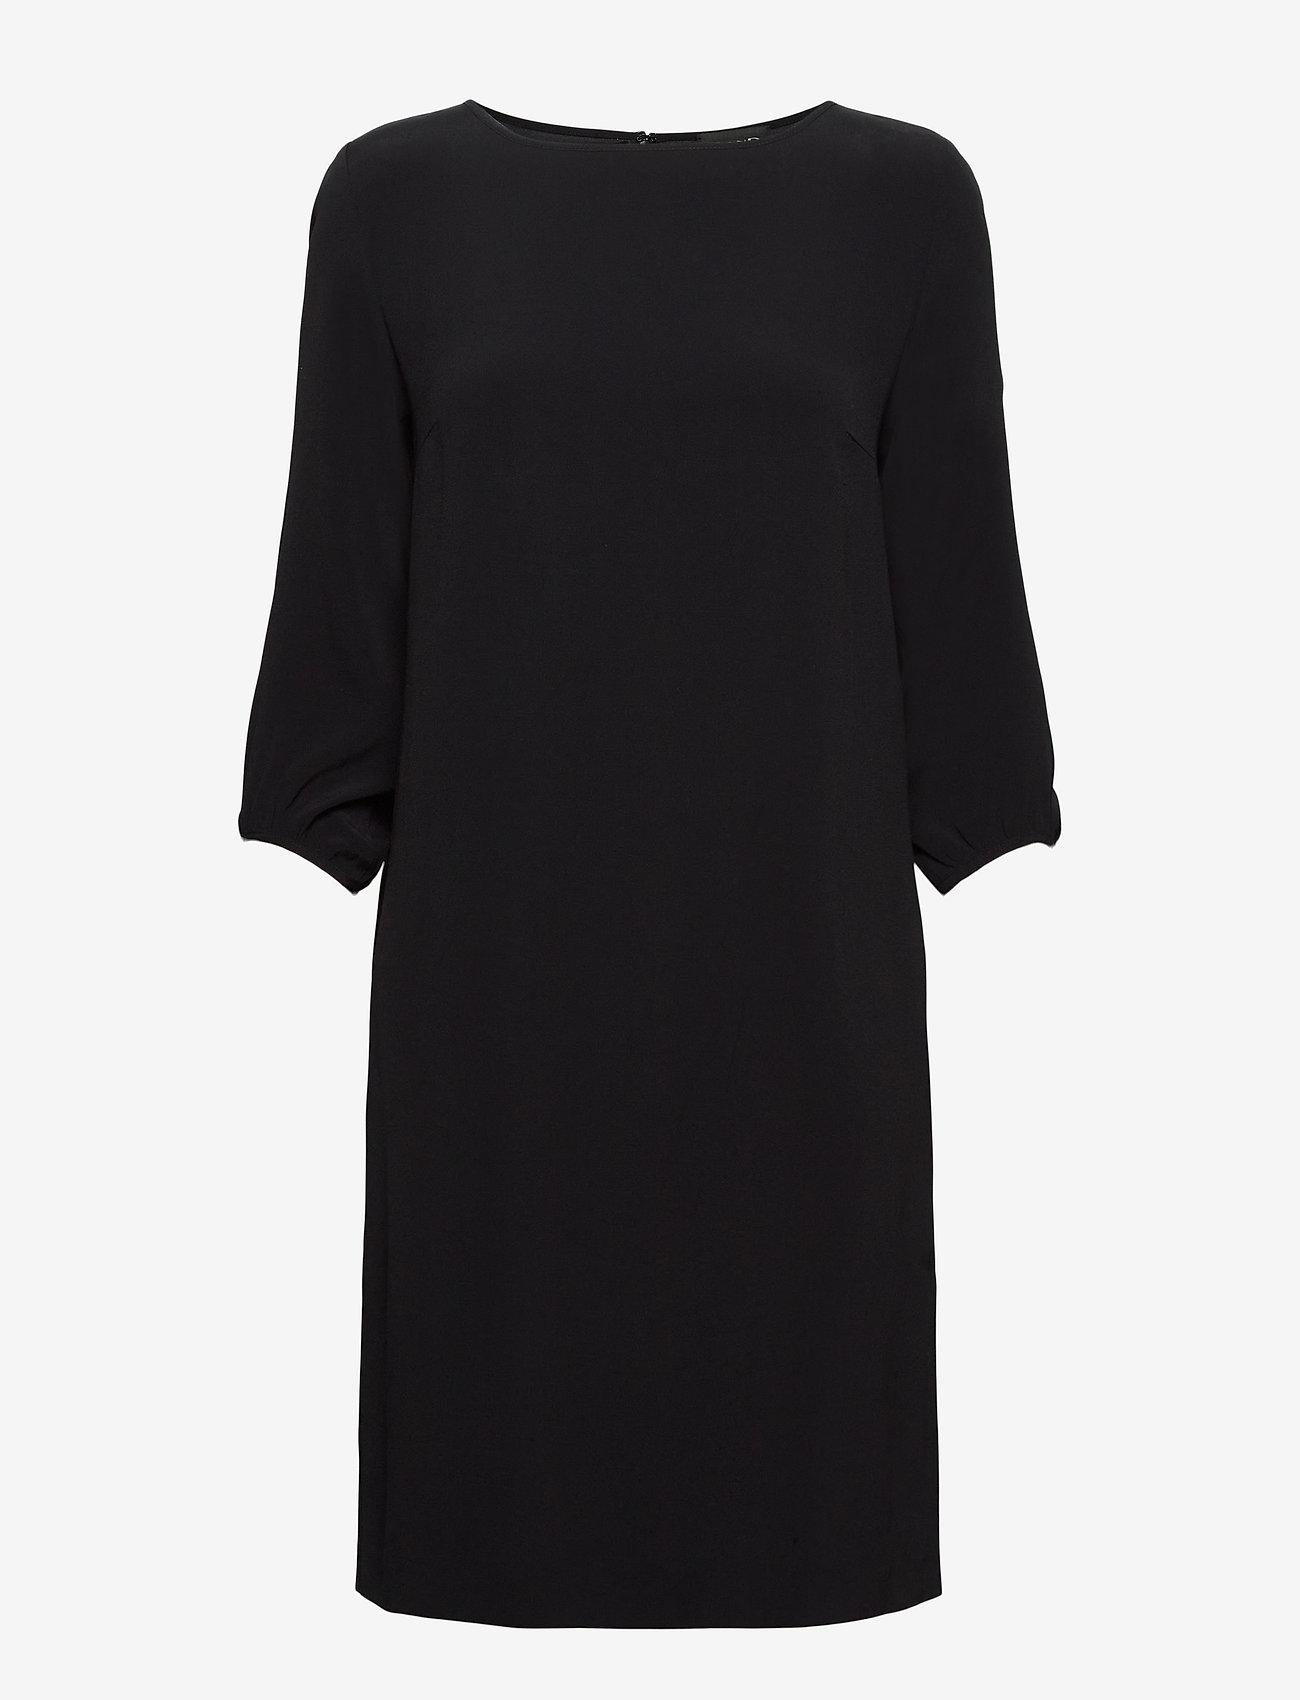 SAND - Crepe Satin Back - Ellie - robes de jour - black - 0